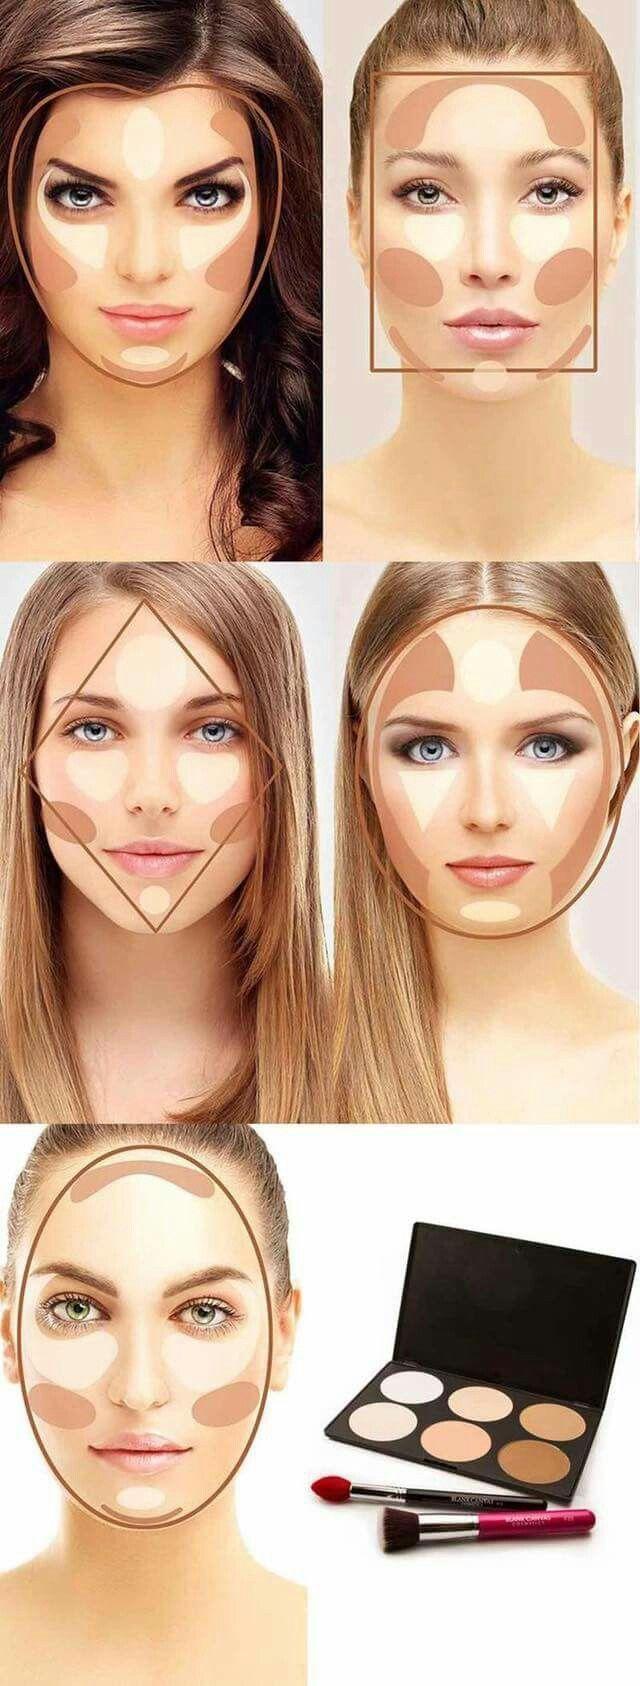 Photo of Details des Tons auf dem Gesicht Make-up – Make-up Geheimnisse